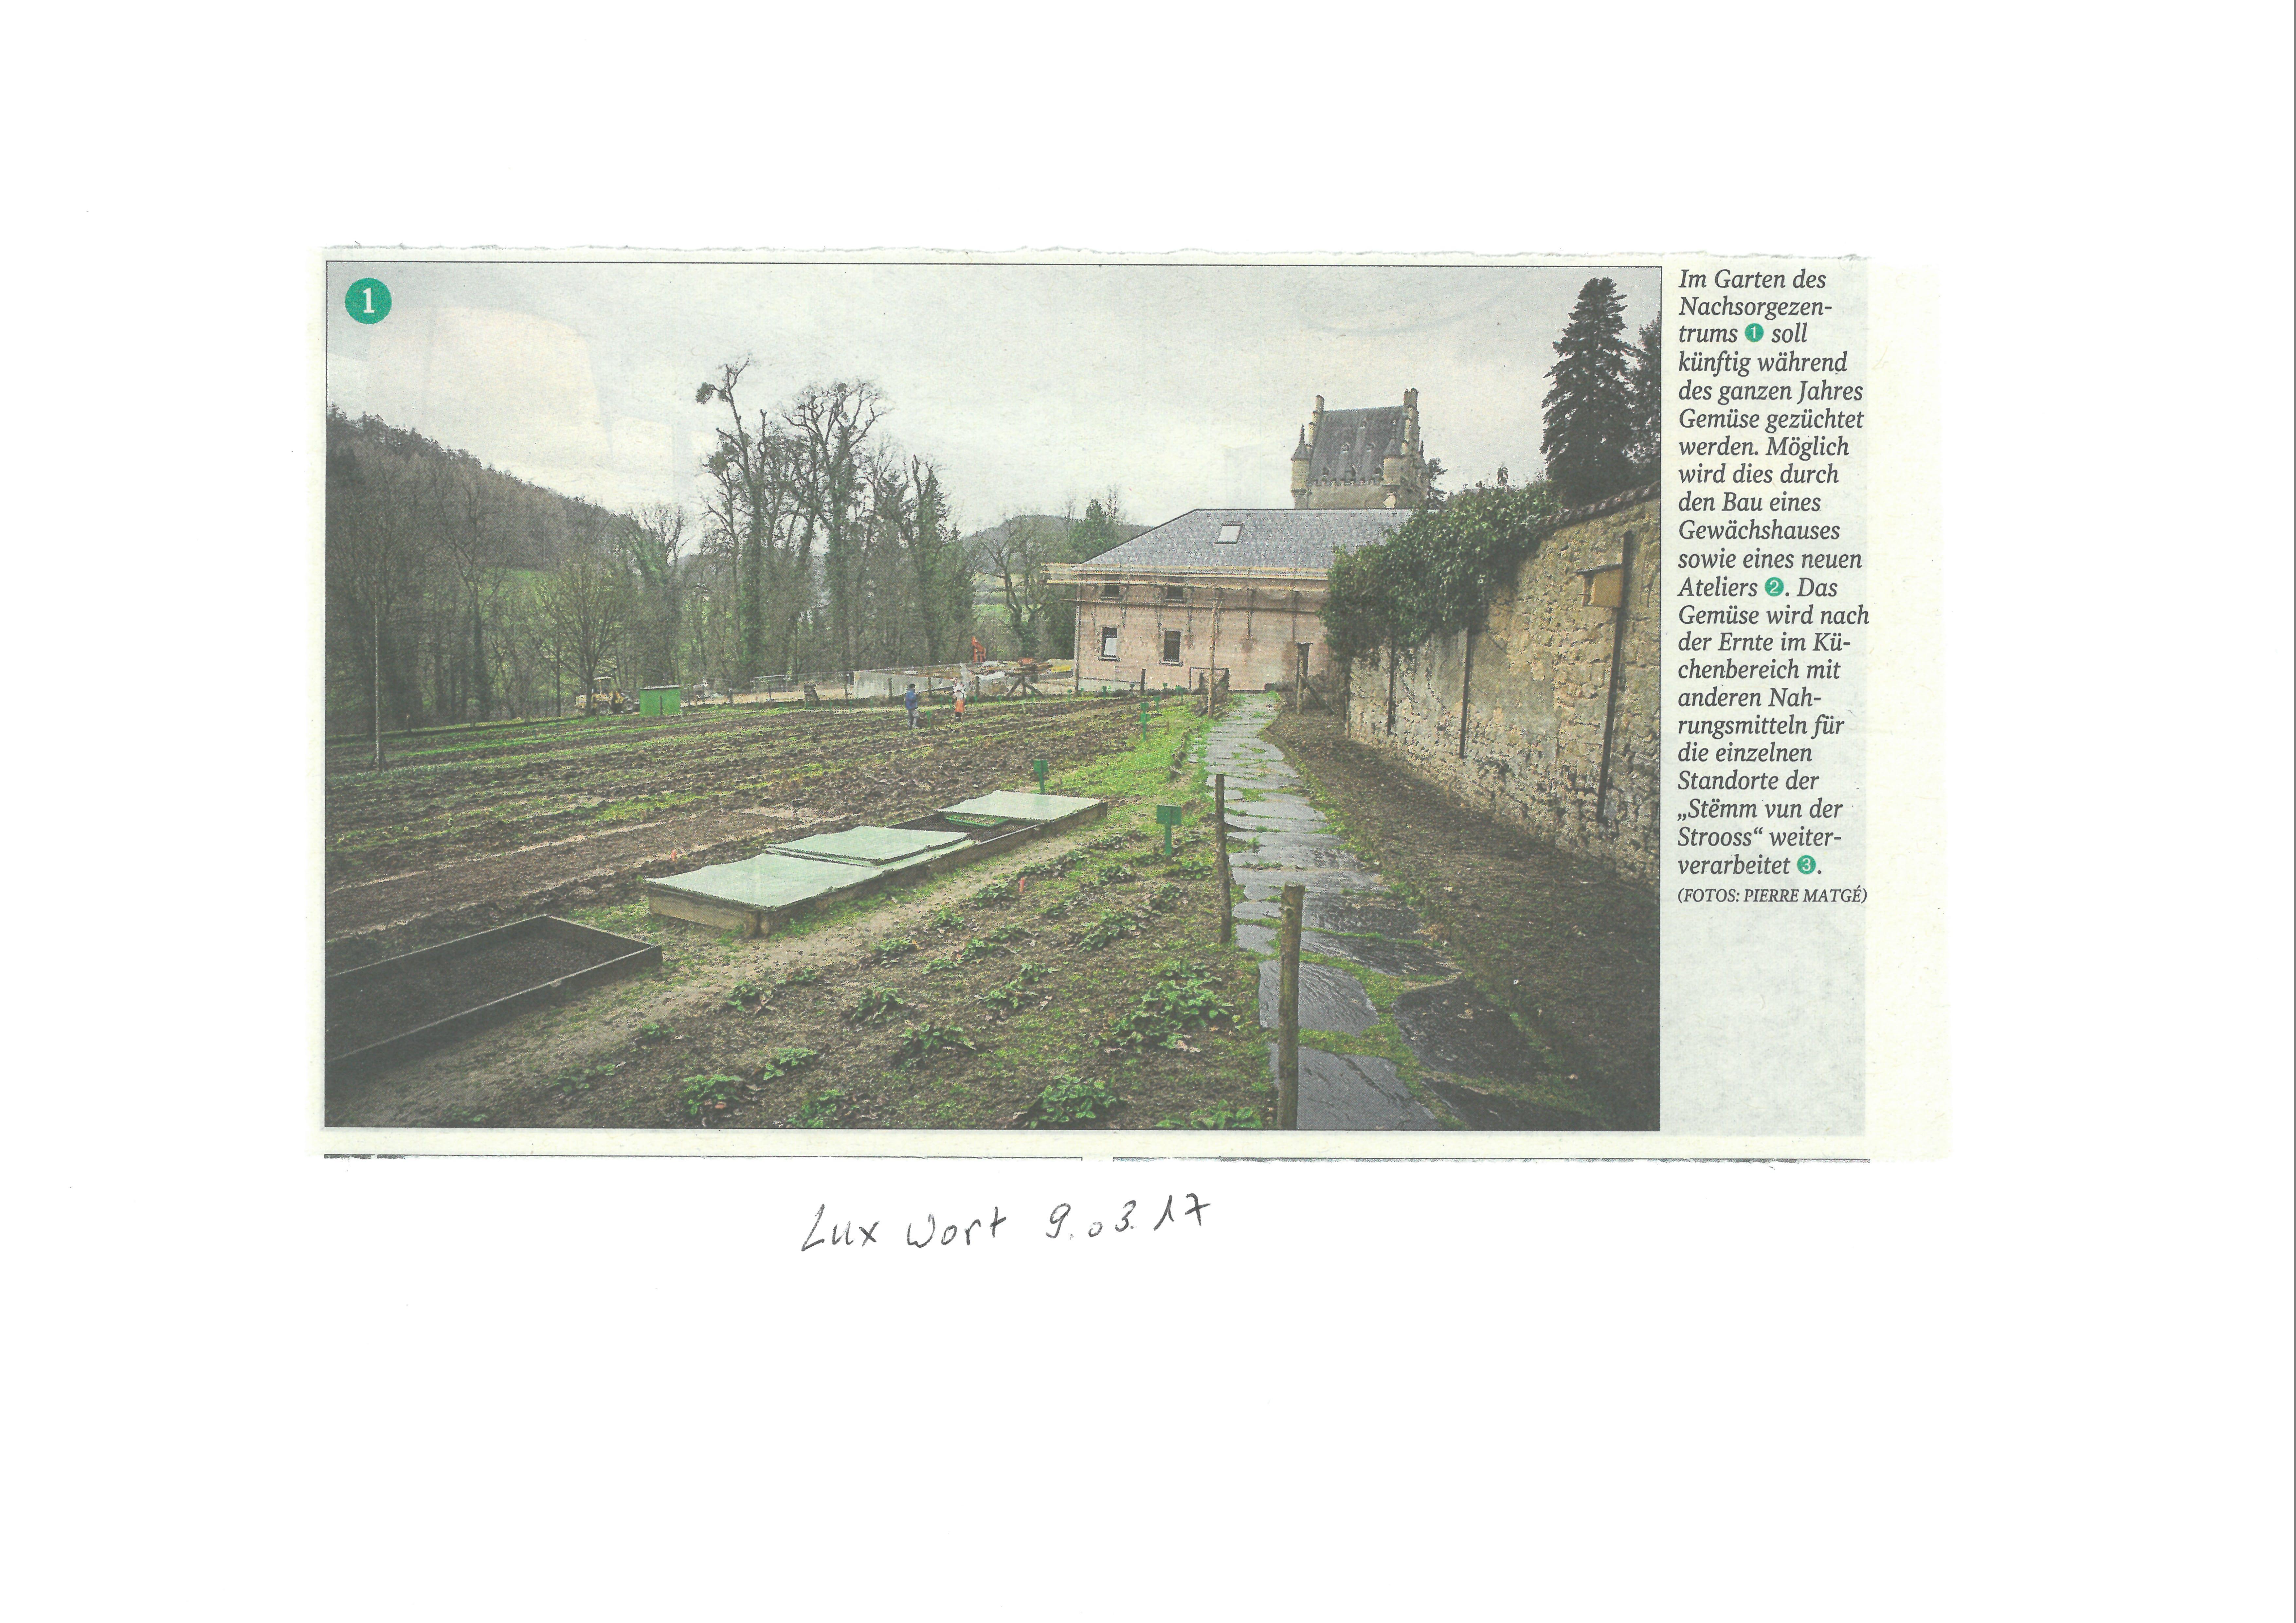 Le Luxemburger Wort vient de publier dans son édition du 9 mars l'article intitulé Das Leben nach dem Entzug